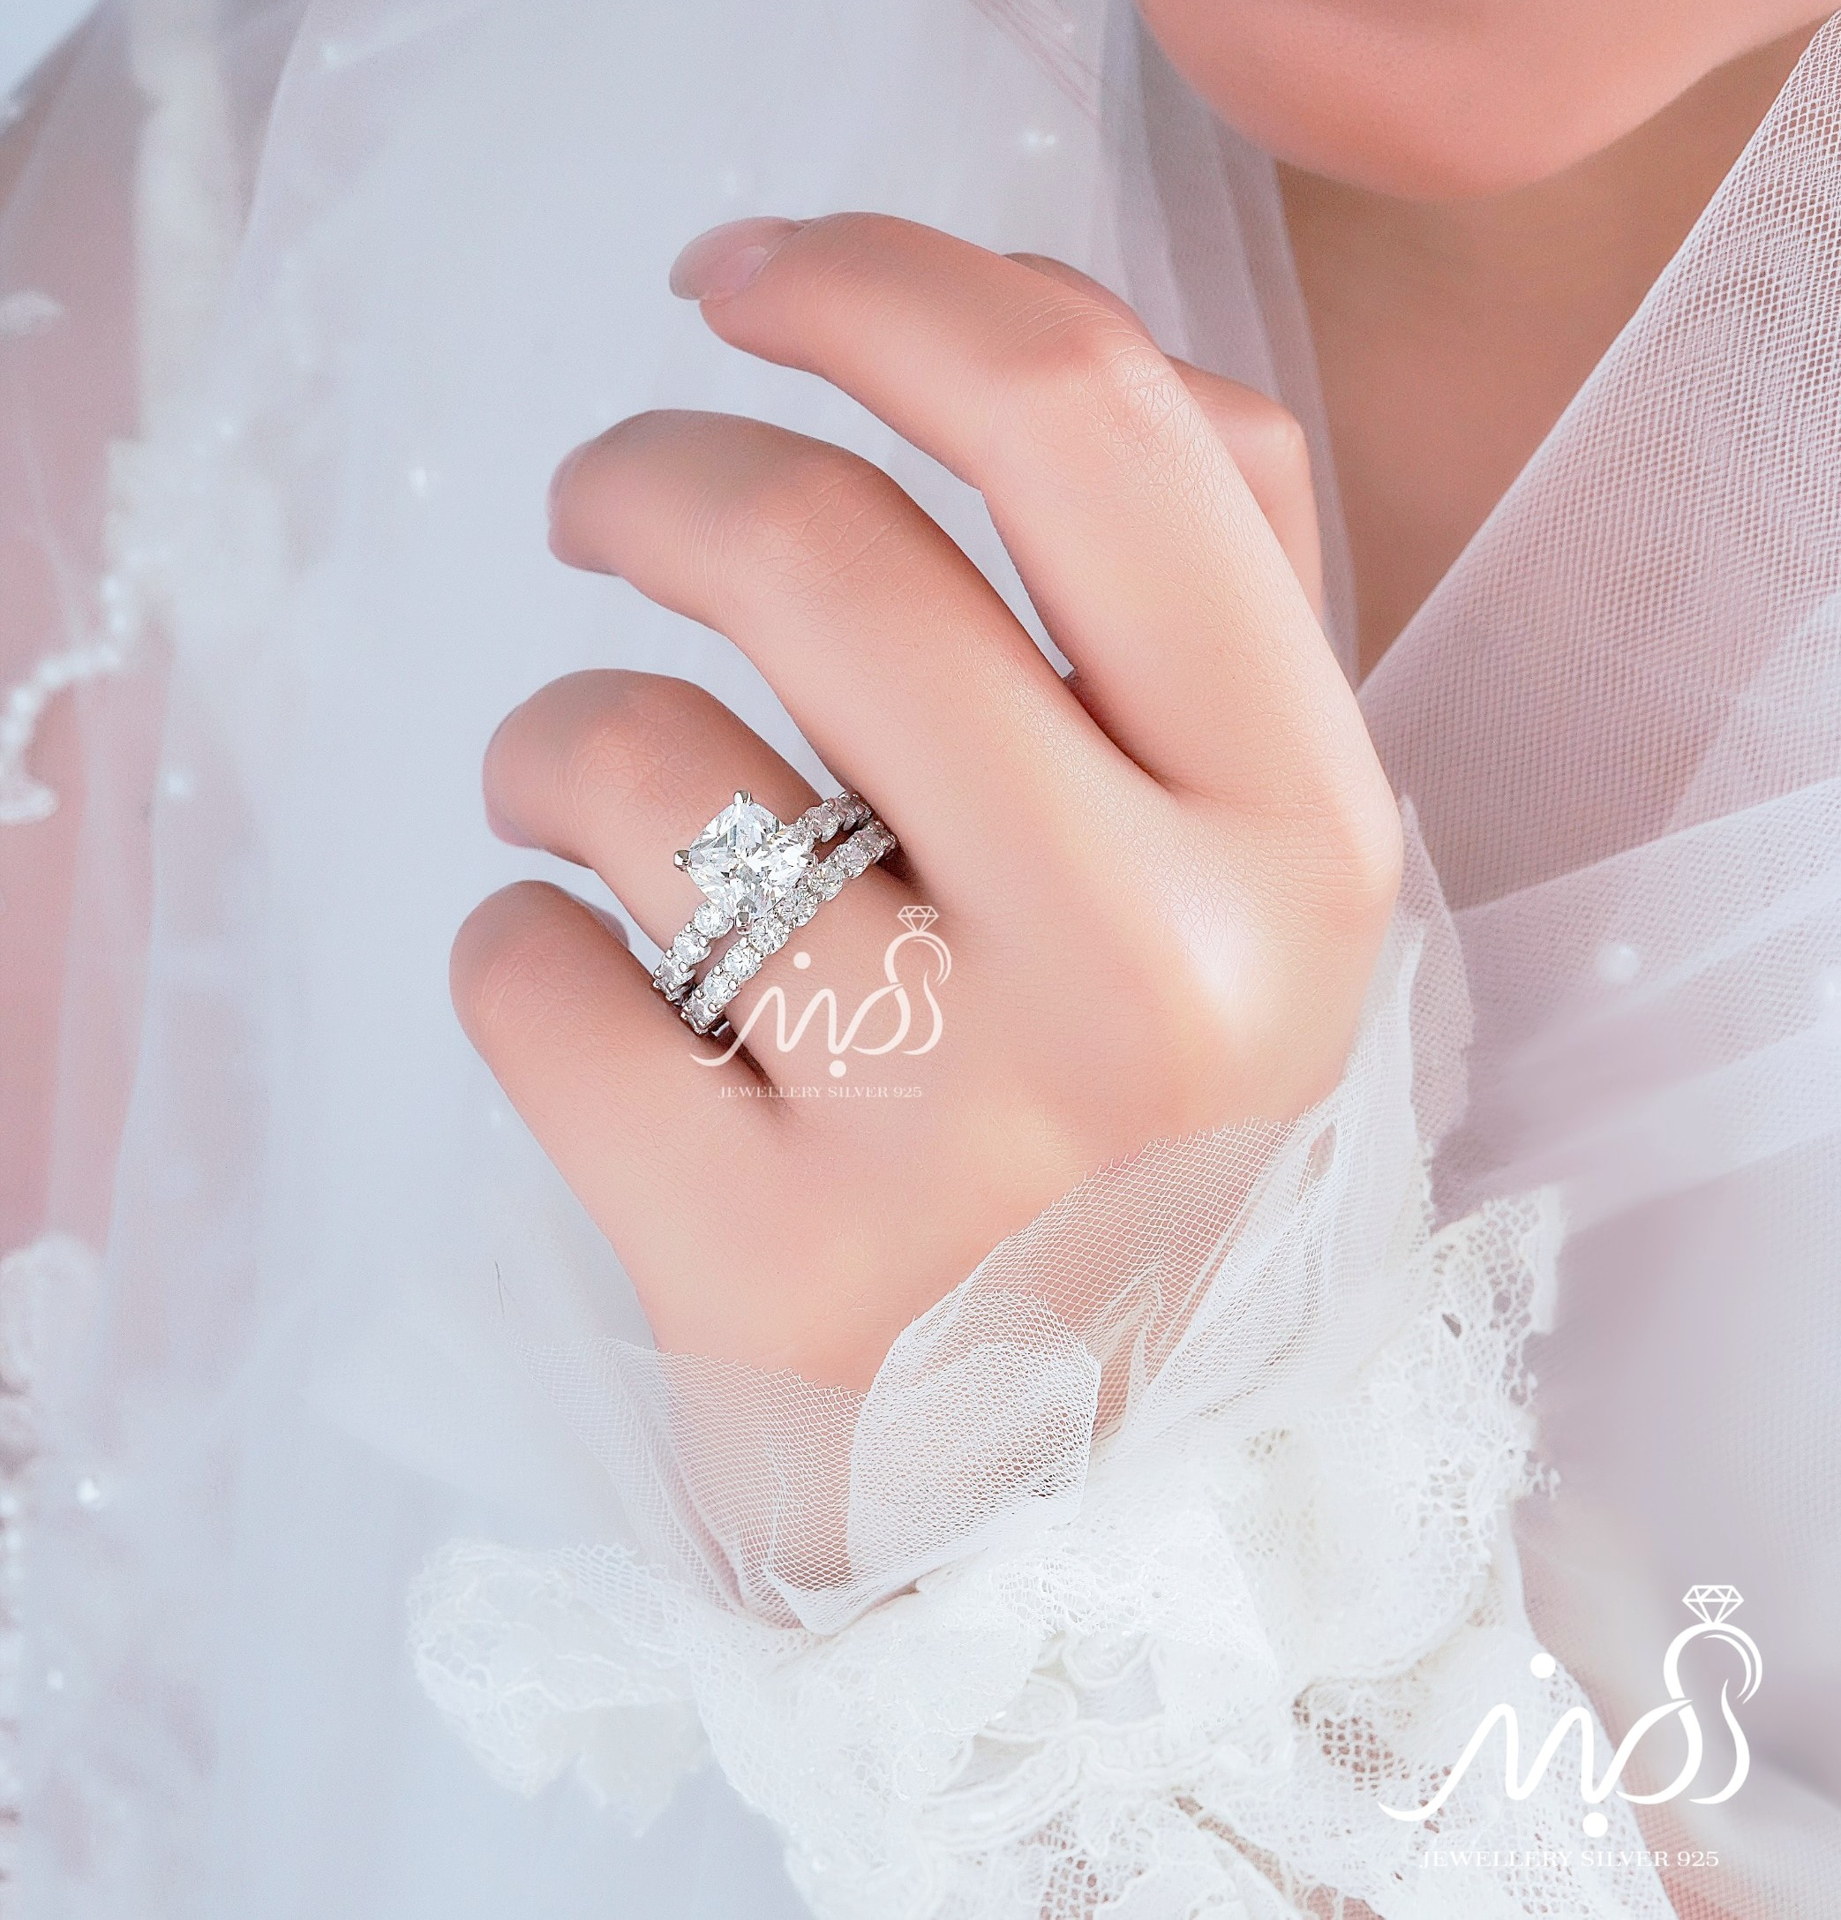 💍حلقه و پشت حلقه جواهری دورنگین آمریکایی ، princess-cut ( مربع ) ؛ با طراحی خاص و زیبا نقره عیار ۹۲۵ با روکش طلا سفید 